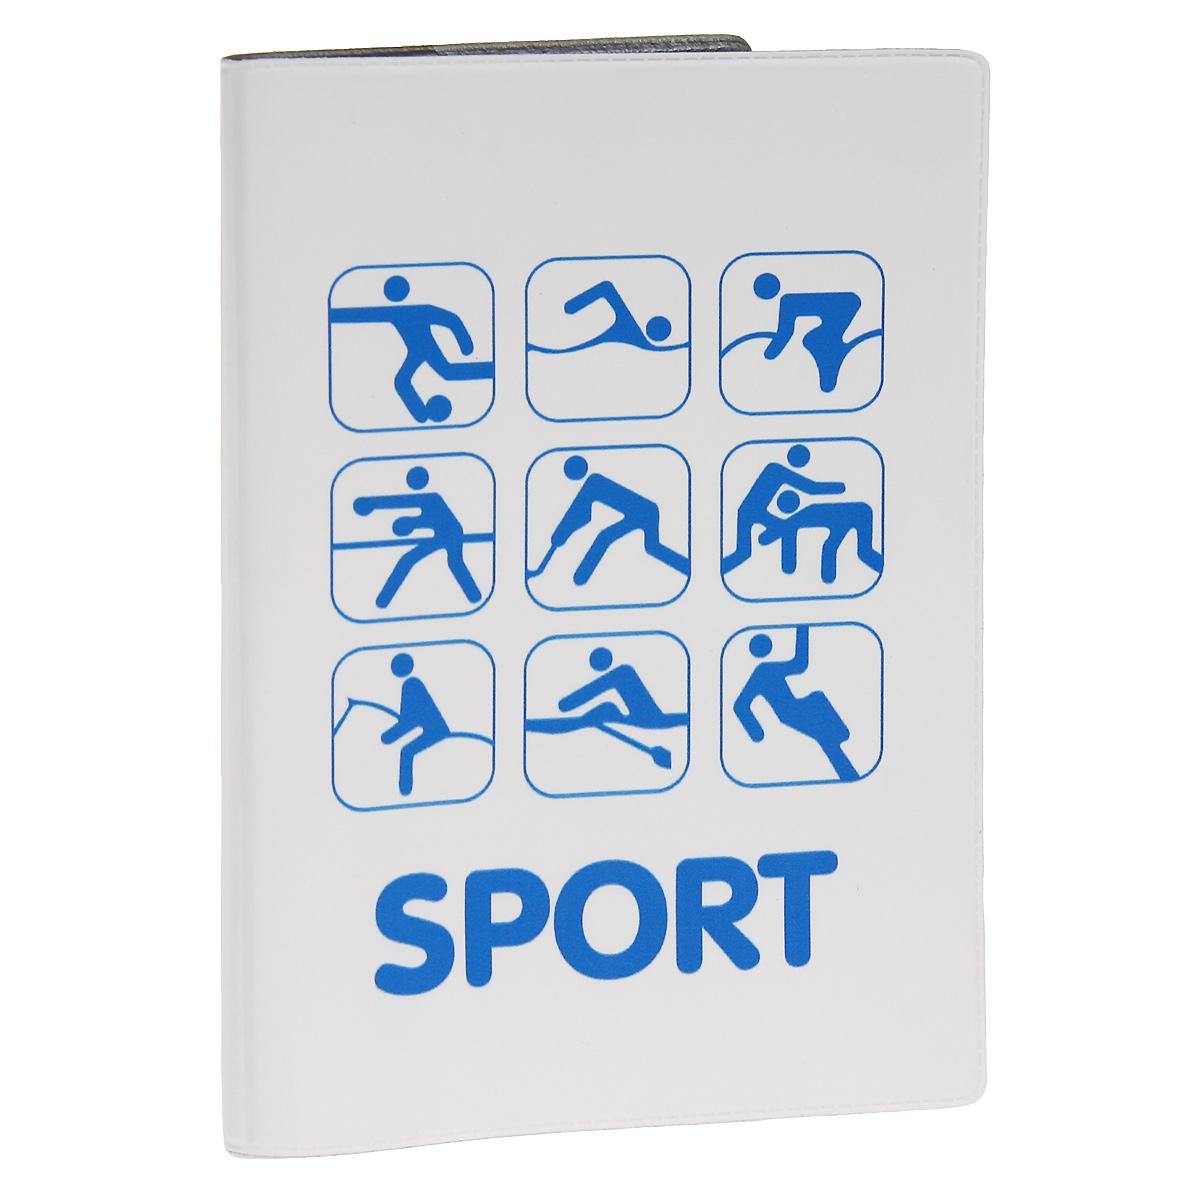 Обложка для паспорта Sport . OZAM286OZAM286Обложка для паспорта Mitya Veselkov Sport выполнена из натуральной кожи и оформлена изображениями значков, каждый из которых олицетворяет один из видов спорта. Такая обложка не только поможет сохранить внешний вид ваших документов и защитит их от повреждений, но и станет стильным аксессуаром, идеально подходящим вашему образу. Яркая и оригинальная обложка подчеркнет вашу индивидуальность и изысканный вкус. Обложка для паспорта стильного дизайна может быть достойным и оригинальным подарком.